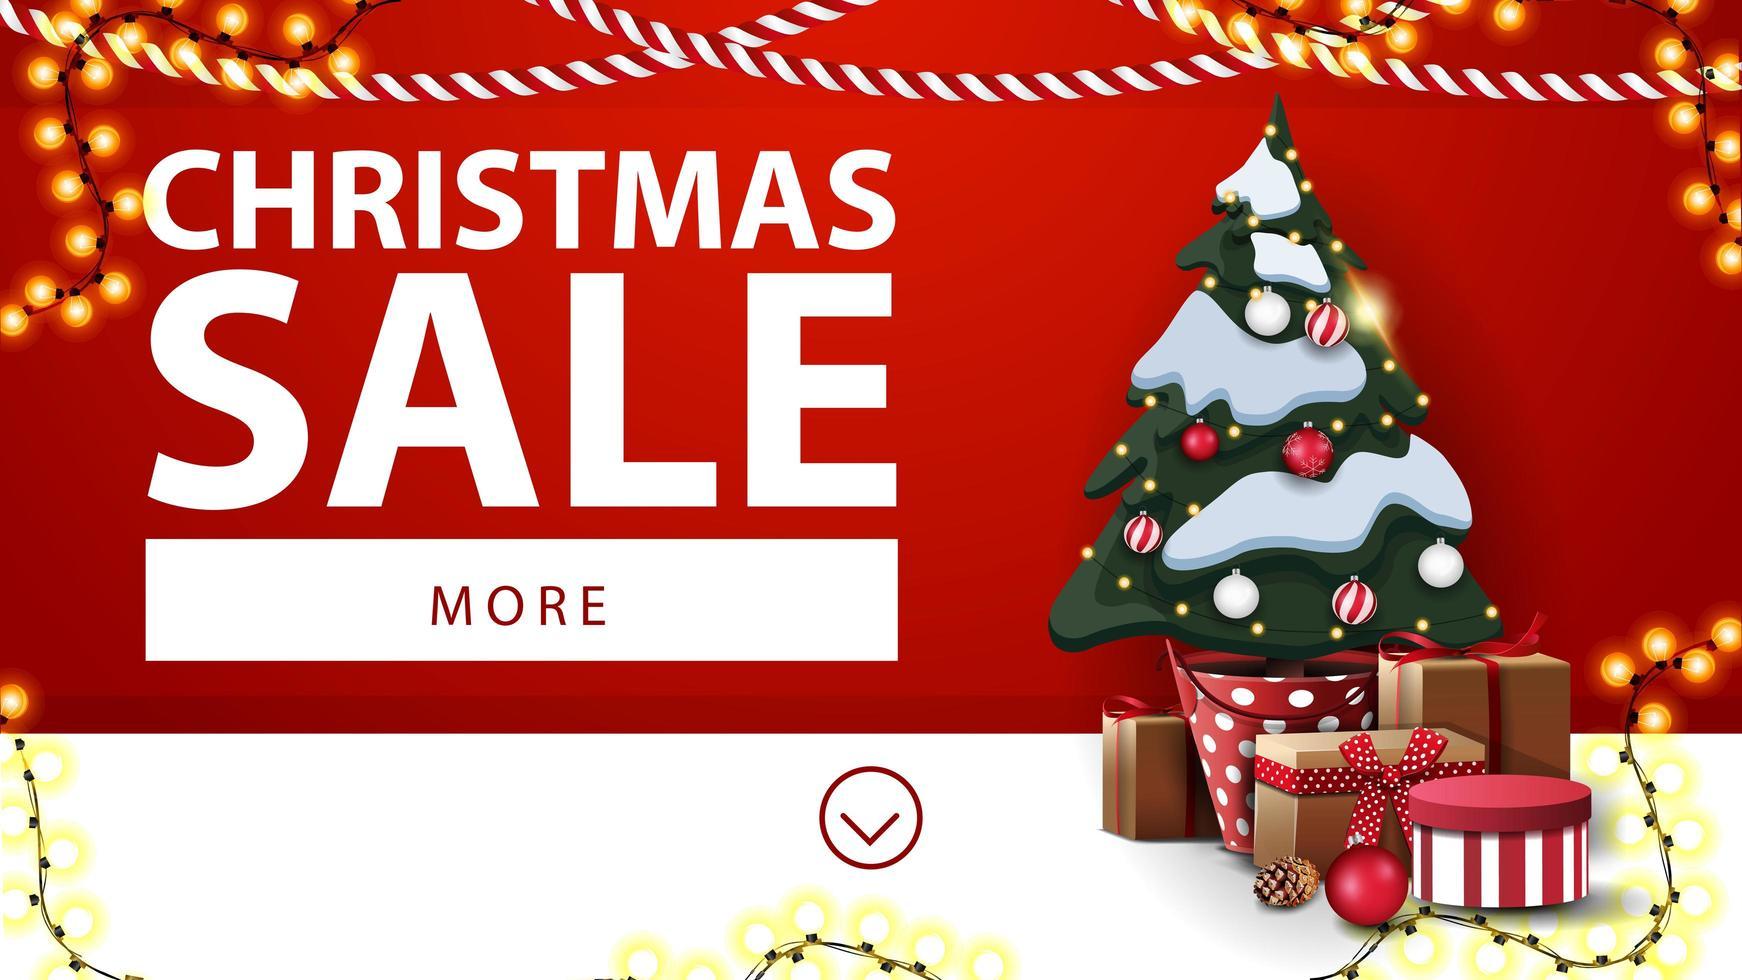 jul försäljning, röd och vit rabatt banner med kransar och julgran i en kruka med gåvor nära väggen vektor